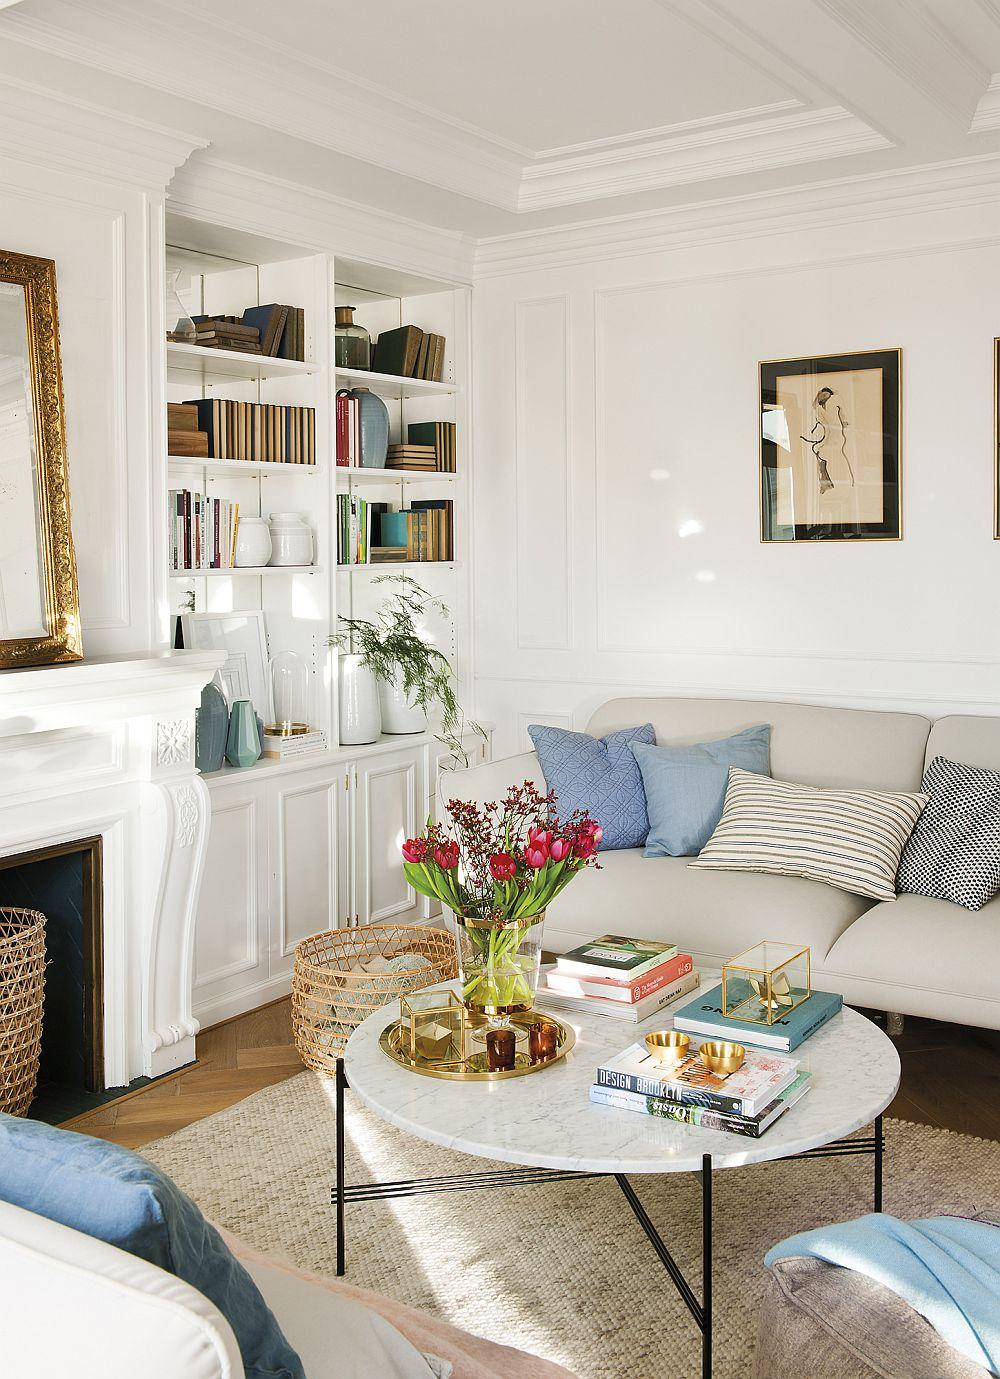 Designul canapelelor și al măsuței, unul contemporan, cu alură grafică aduce în actualitate întregul decor, chiar dacă pereții și șemineul sunt trate clasic.